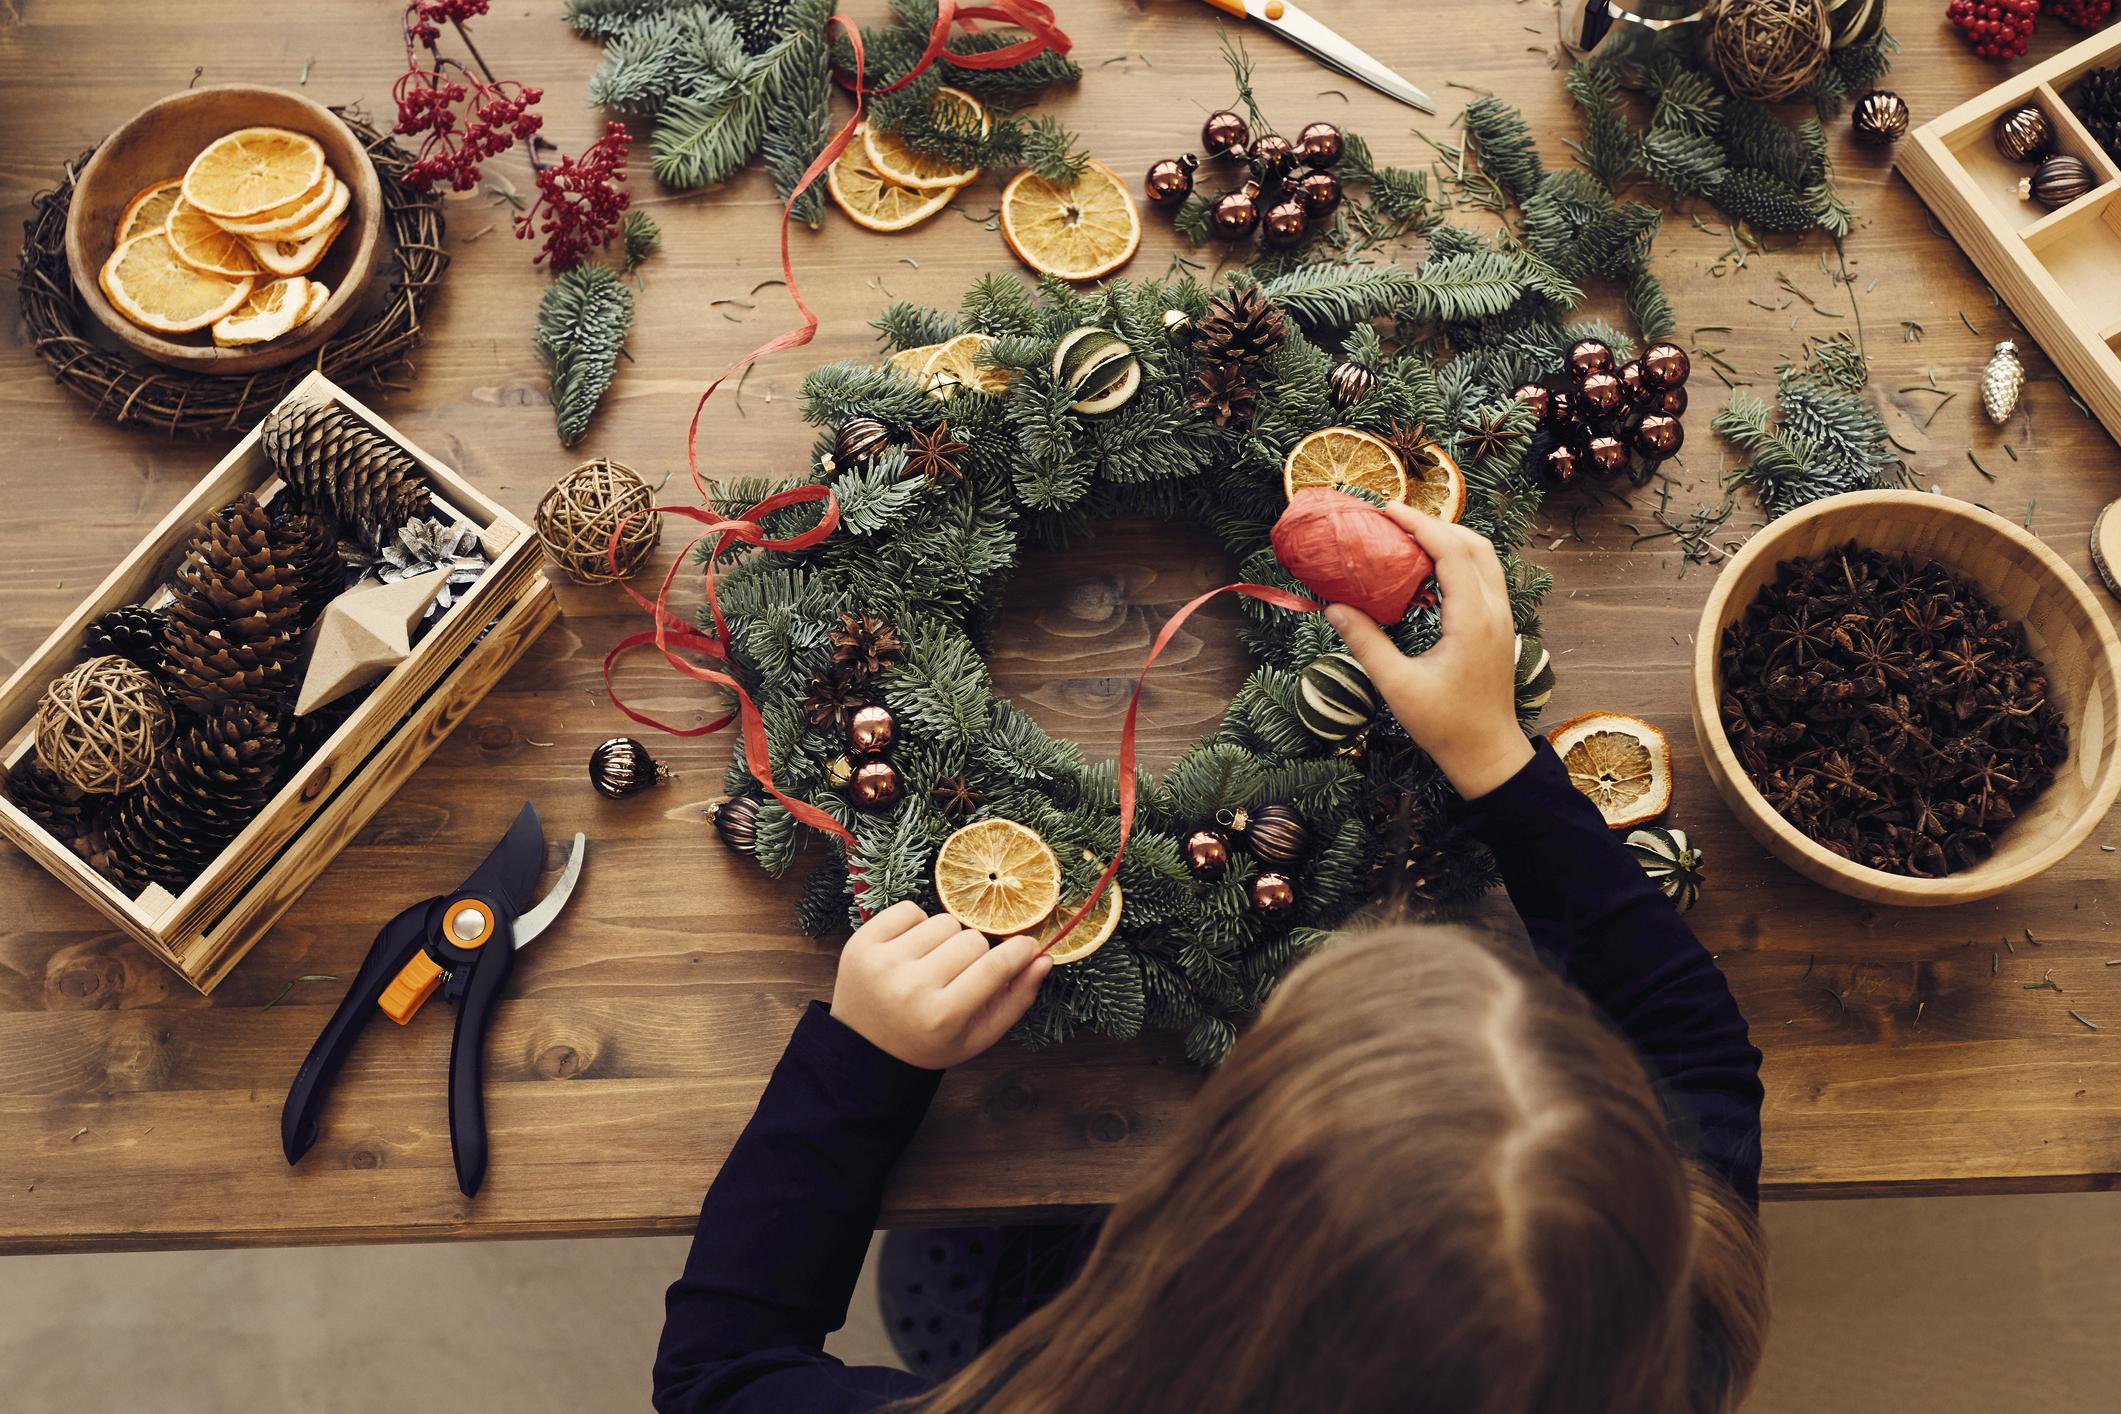 Noël : quels cadeaux pour des fêtes écolos?